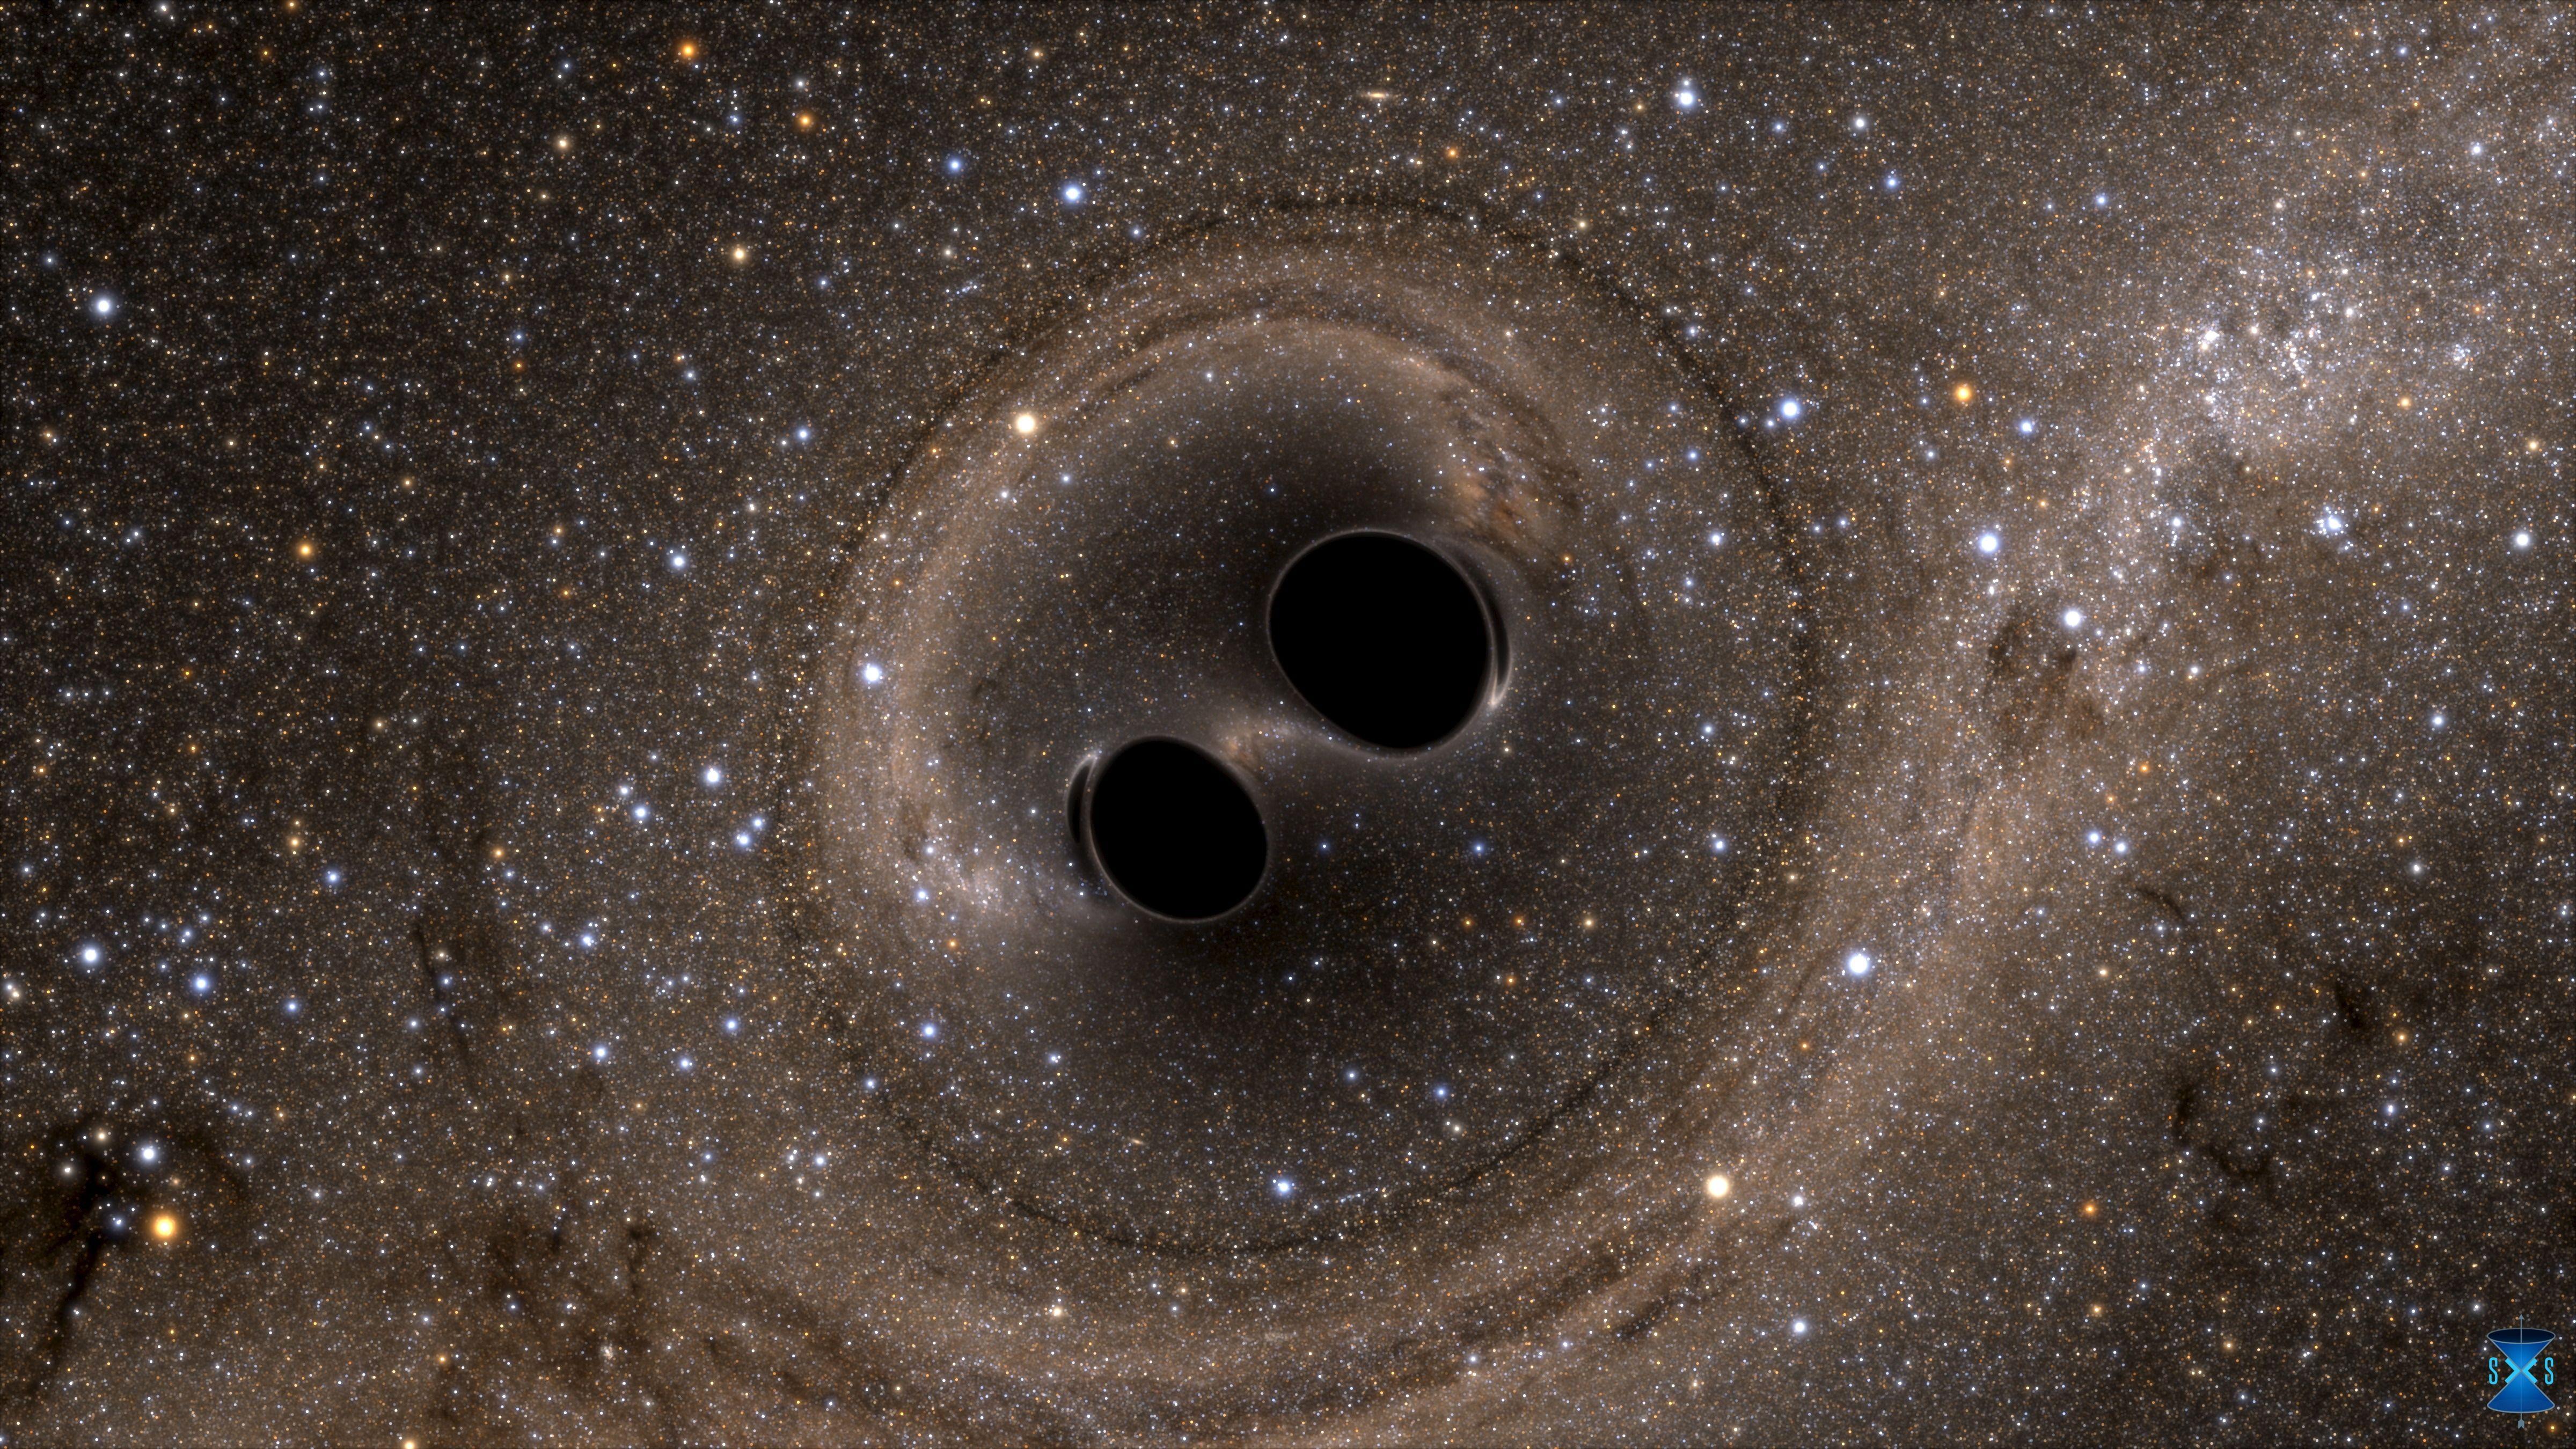 Non, les trous noirs n'absorbent pas tout : ils relâchent de la lumière invisible à l'œil nu